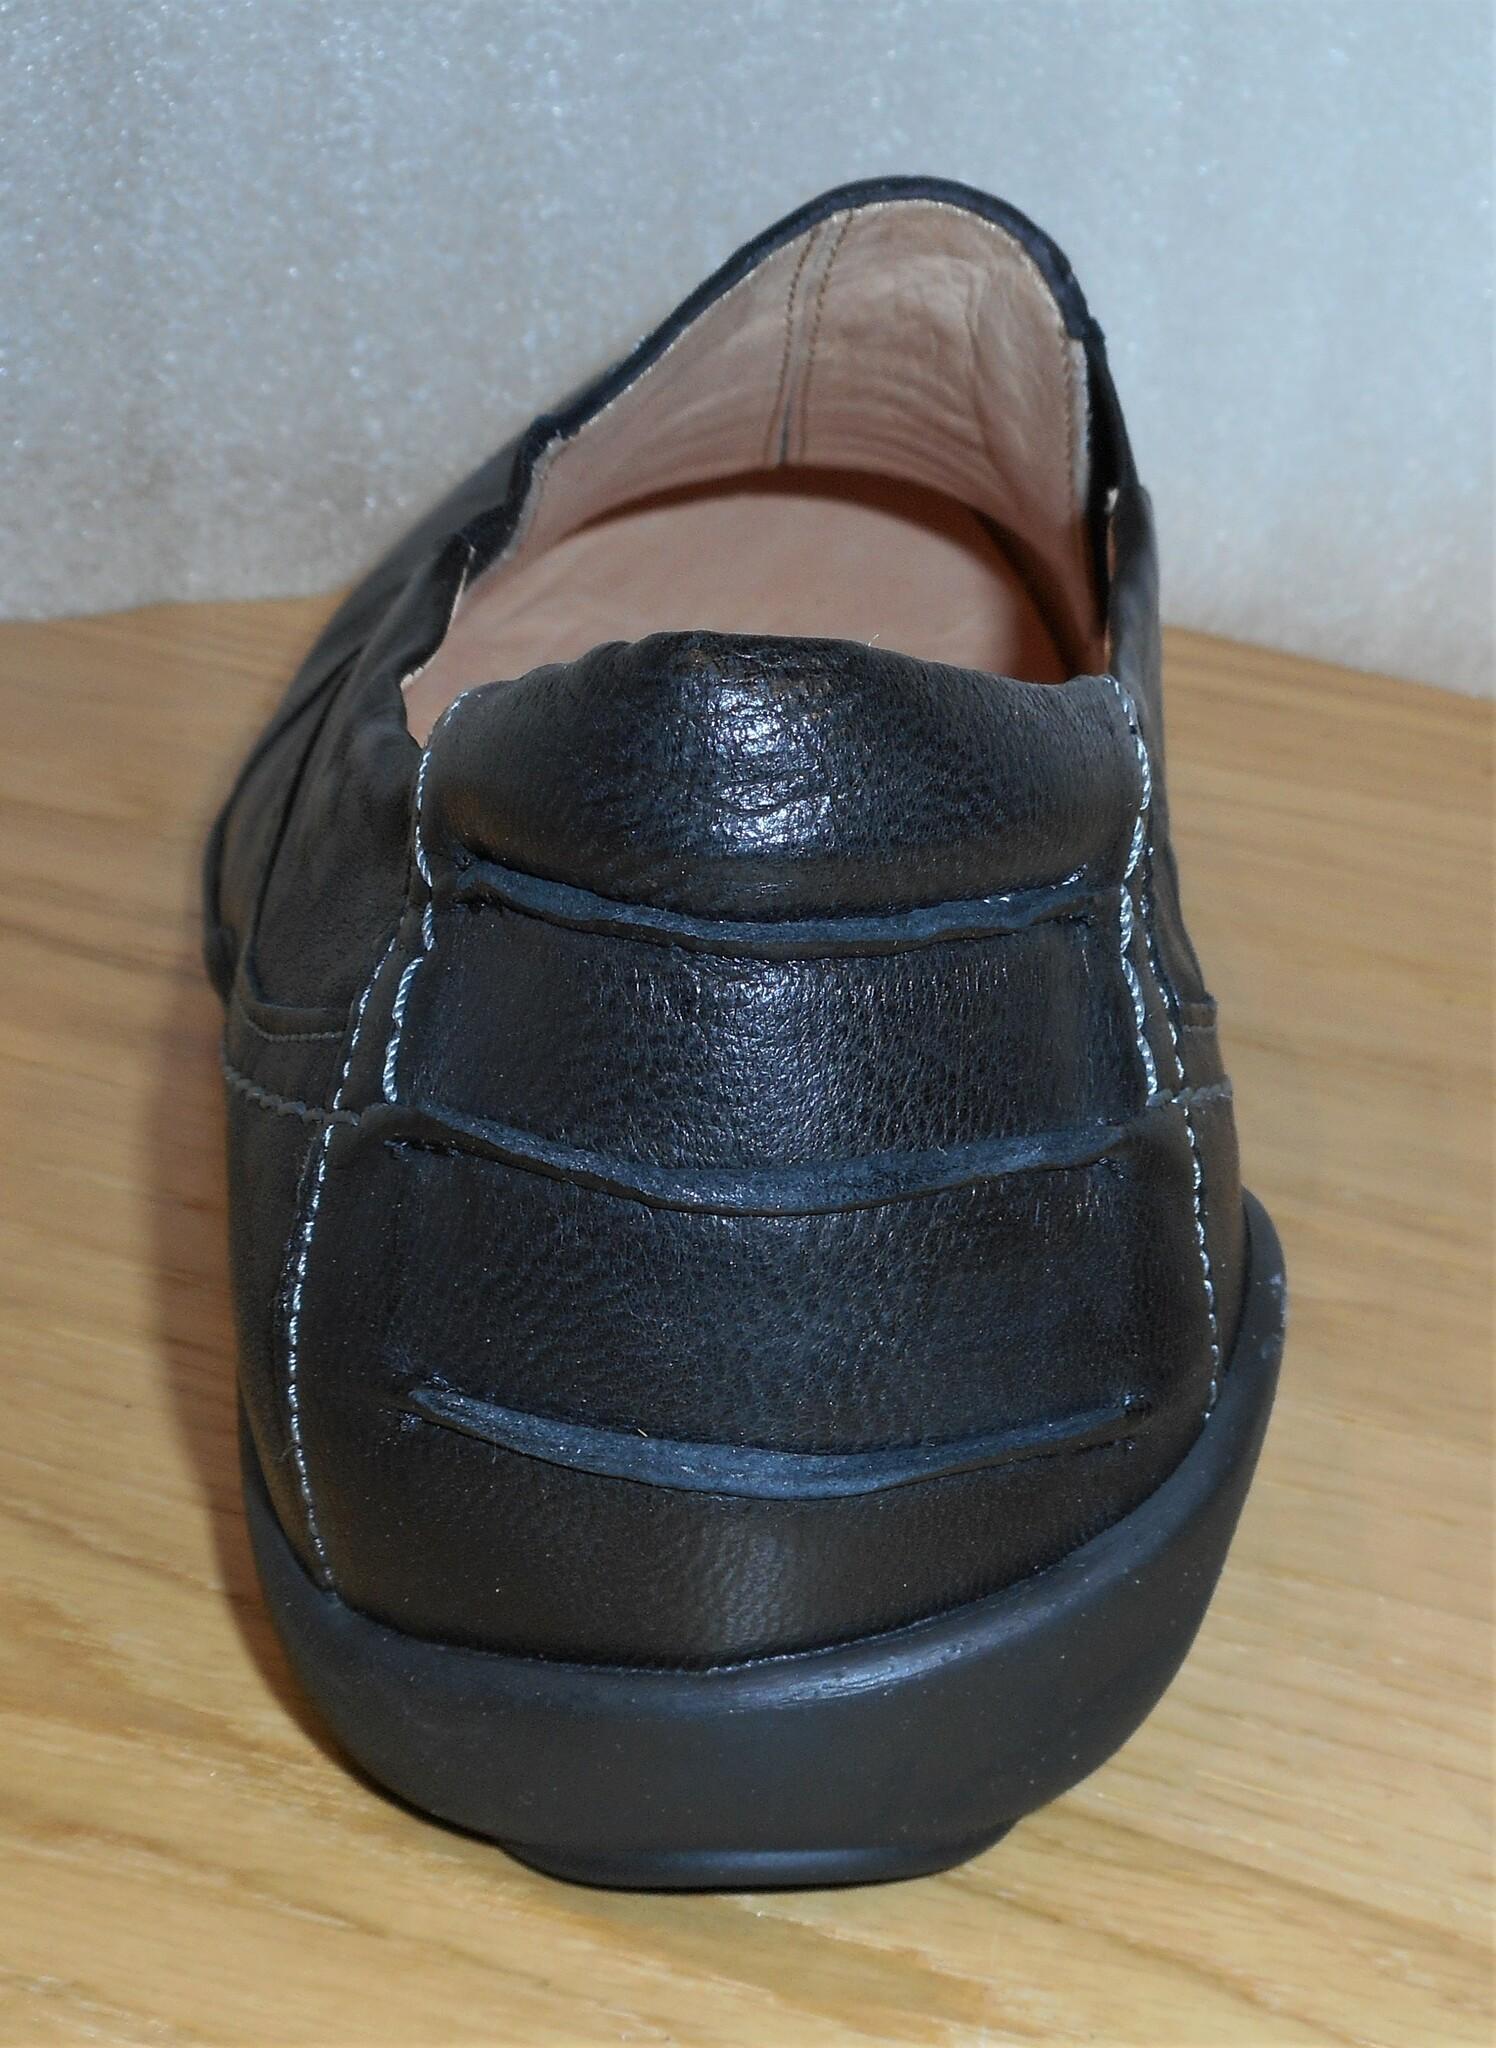 Svart loafer med resår i sidorna - fabrikat Think!